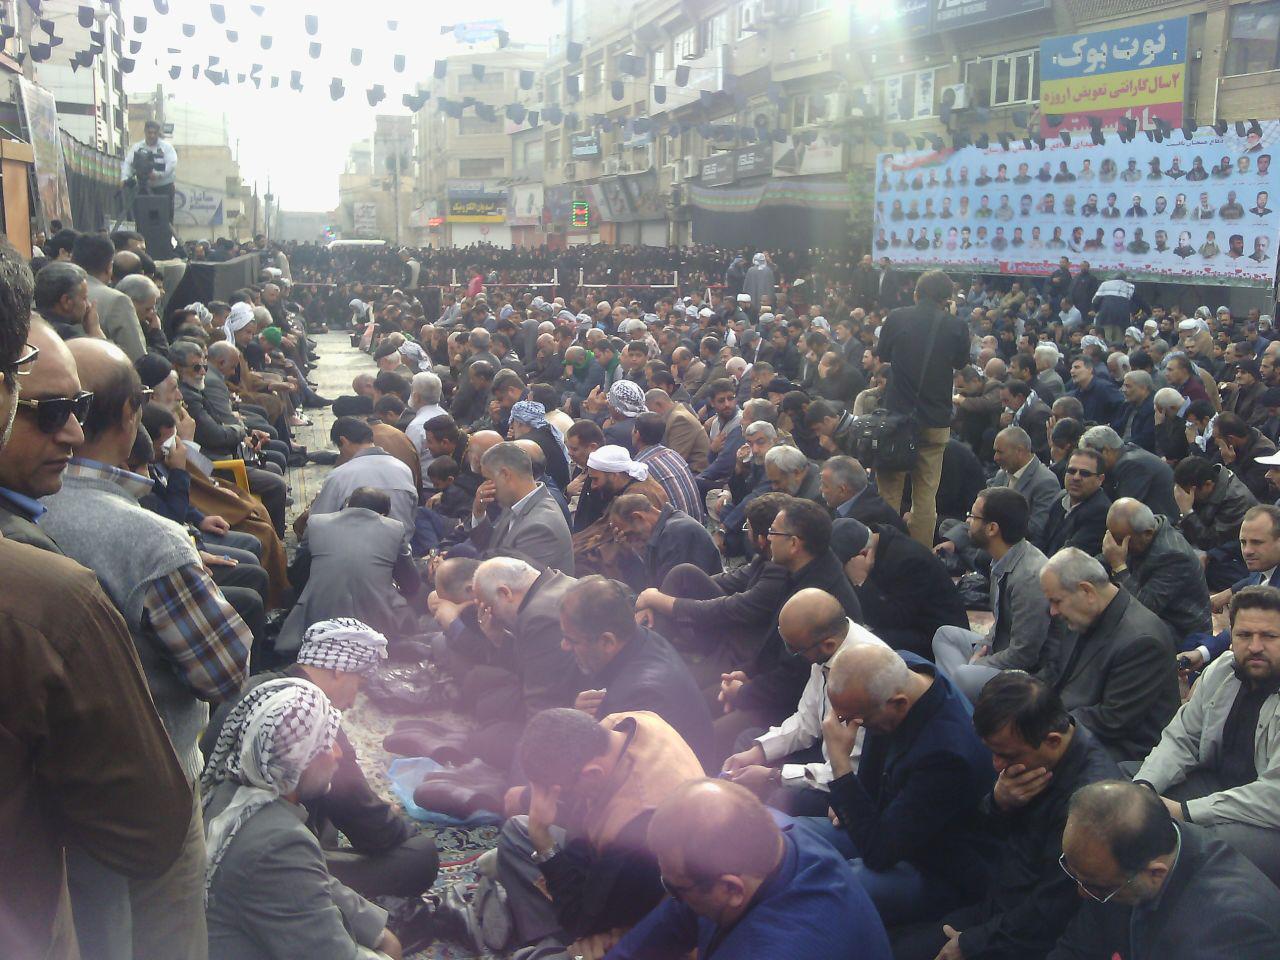 حضور وزیر کشور و وزیر اطلاعات در مراسم تشييع شهدا در اهواز (+عکس)